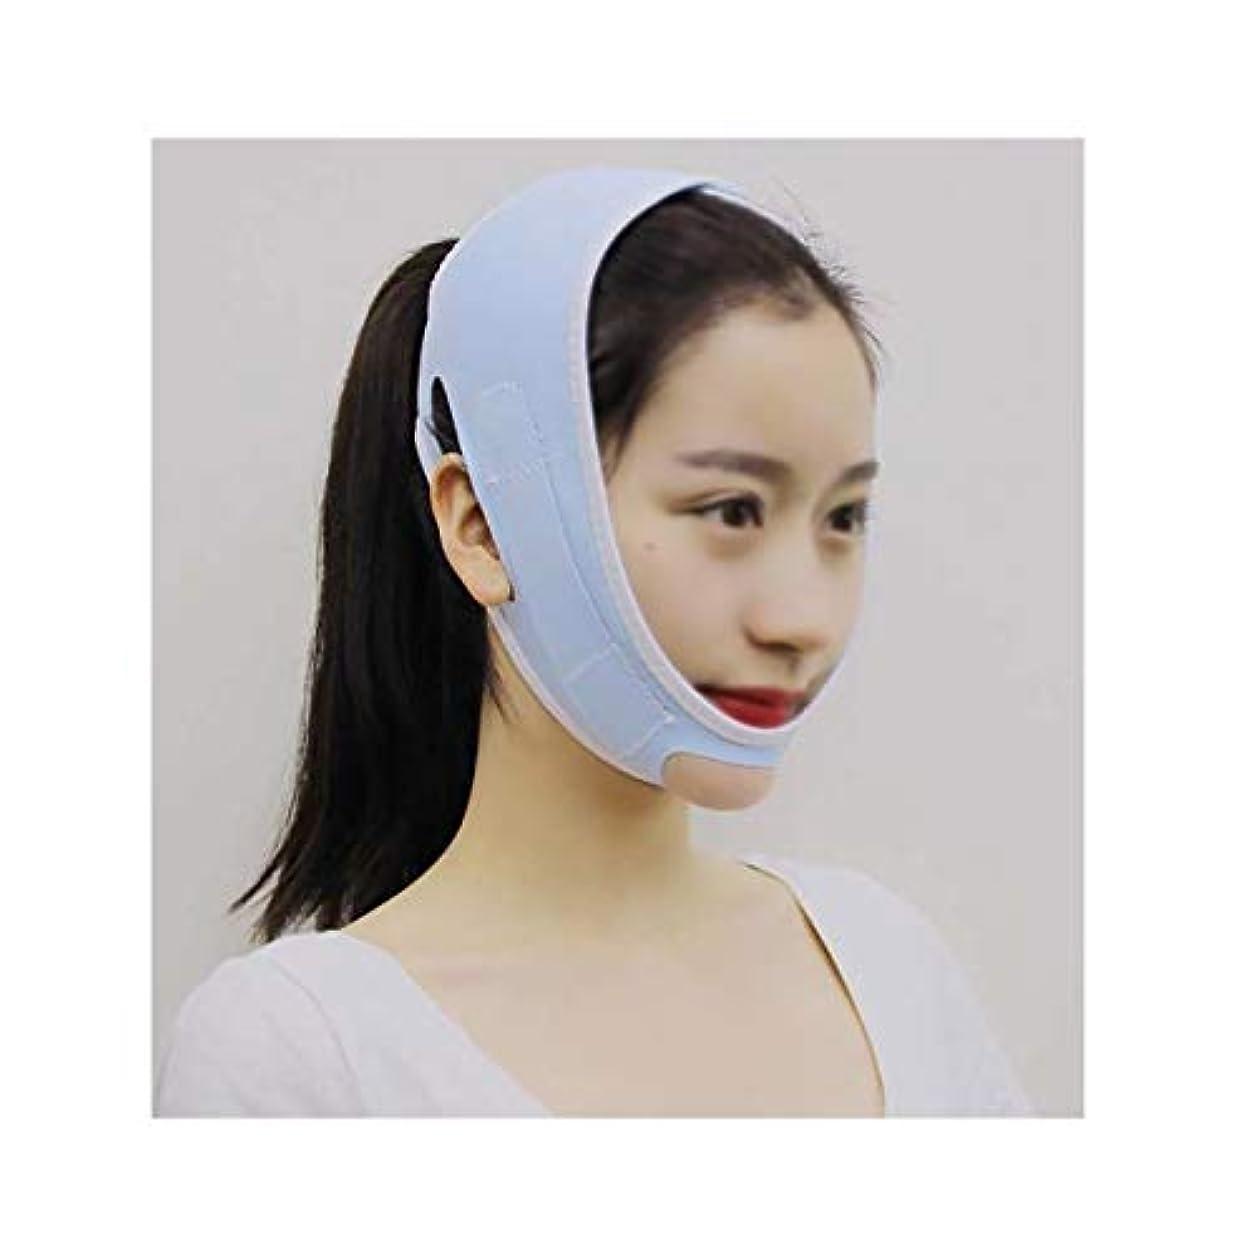 緊張タクト一生GLJJQMY フェイシャルリフティングマスクあごストラップ修復包帯ヘッドバンドマスクフェイスリフティングスモールVフェイスアーティファクト型美容弾性フェイシャル&ネックリフティング 顔用整形マスク (Color : Blue)